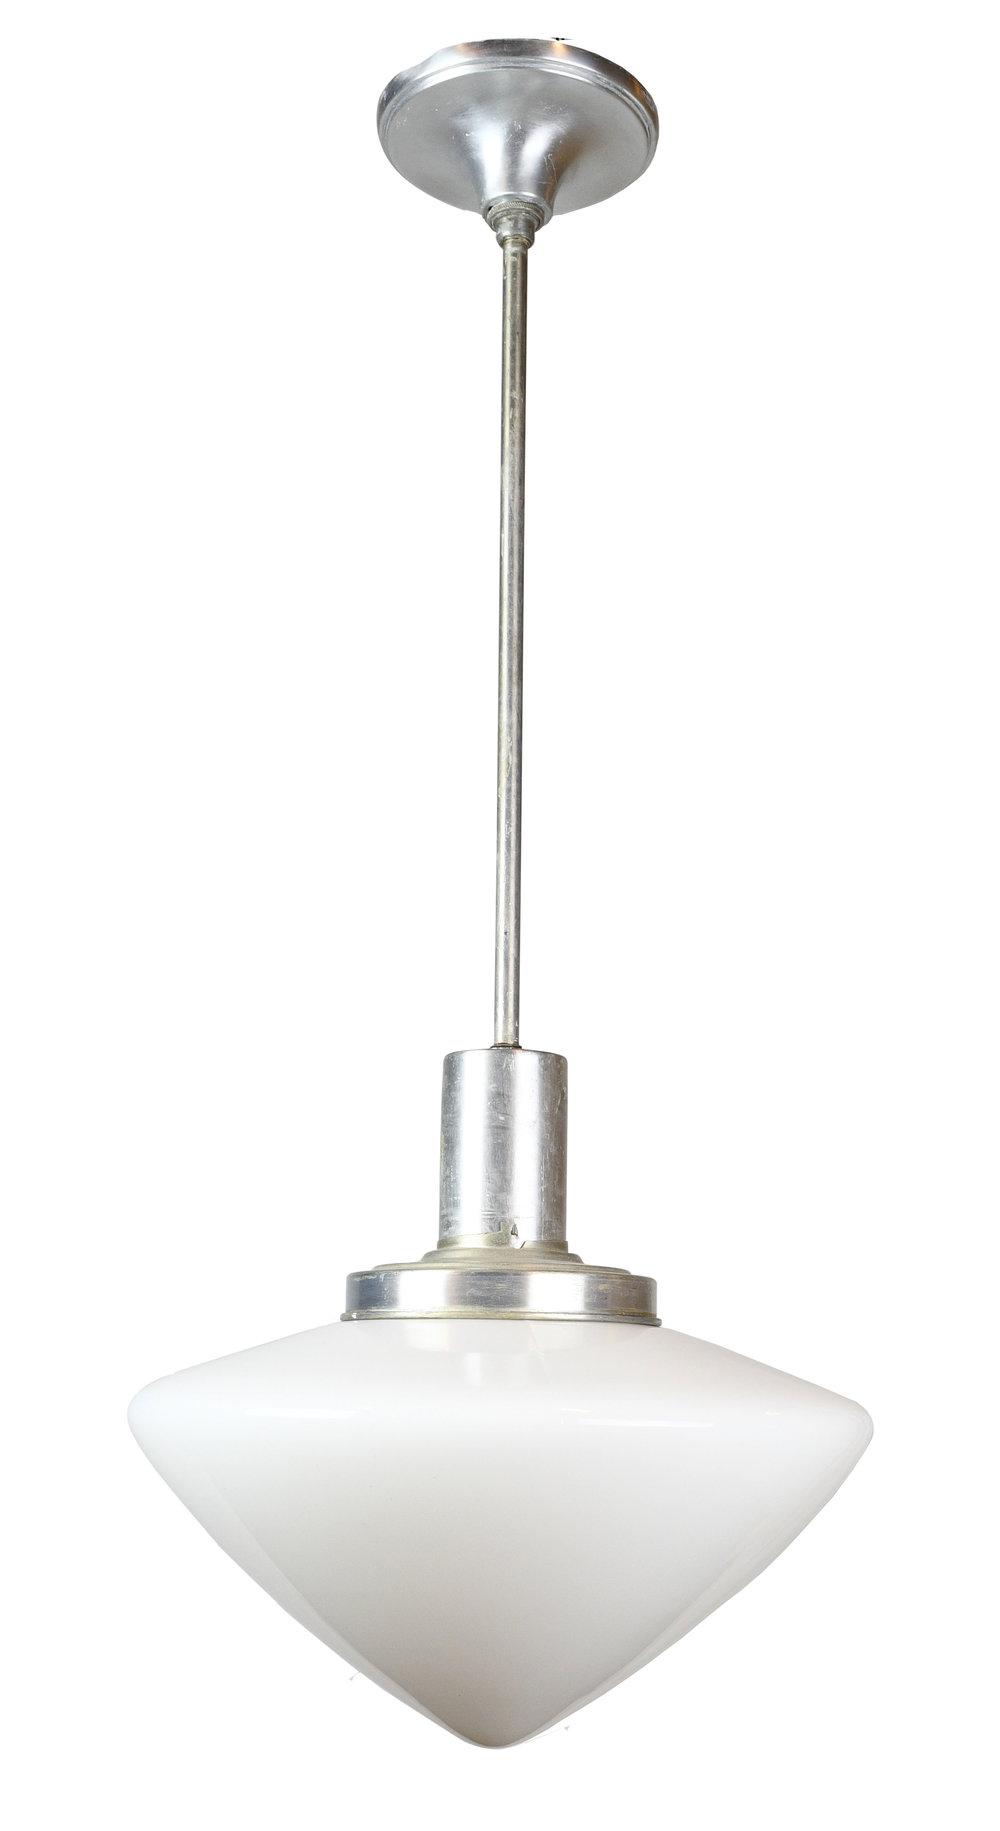 aluminum pendant with acorn shade